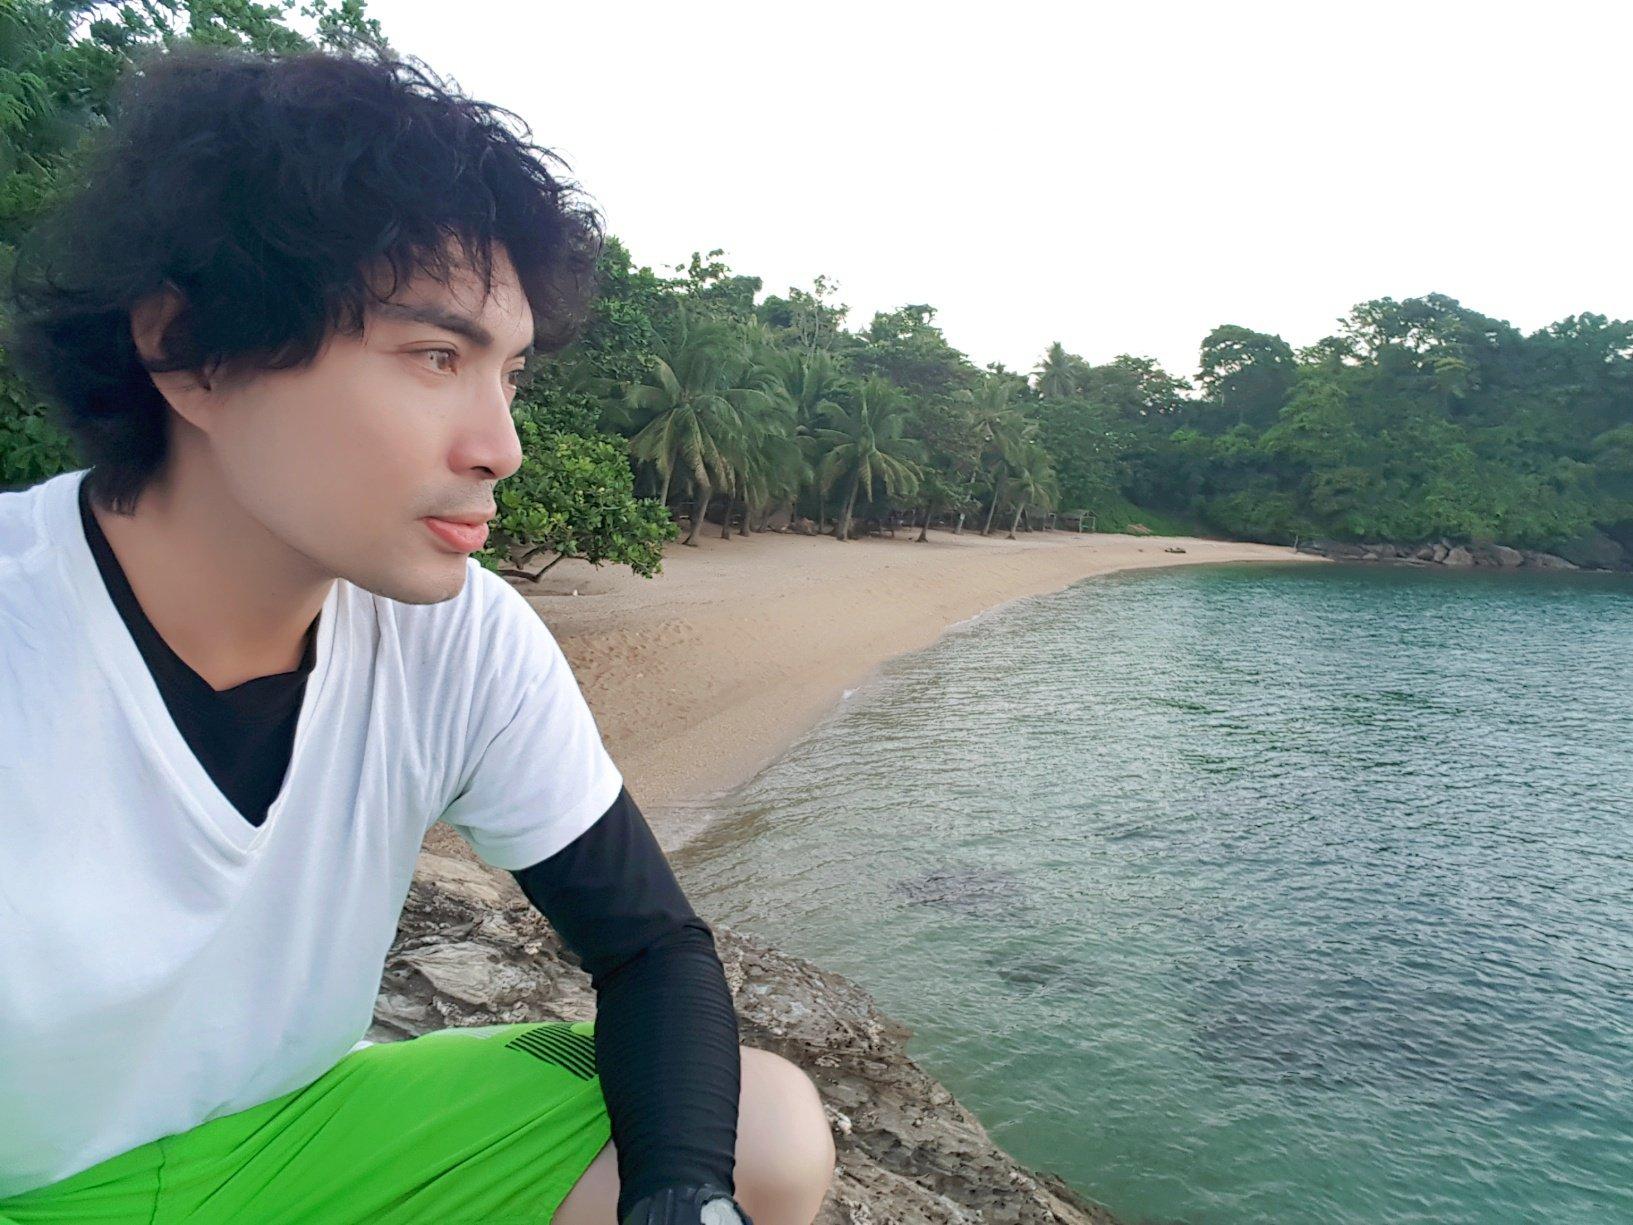 Me with the Virgin Beach behind me in Puerto Galera